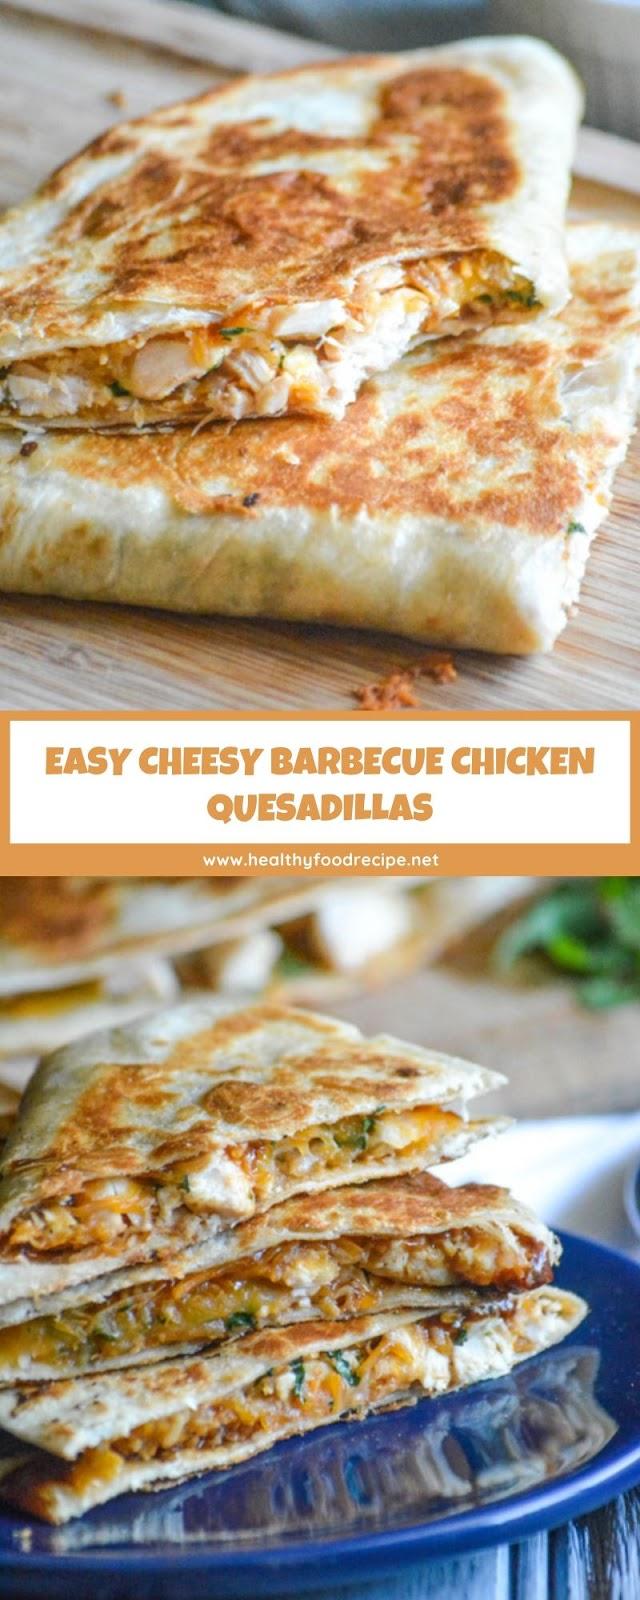 EASY CHEESY BARBECUE CHICKEN QUESADILLAS